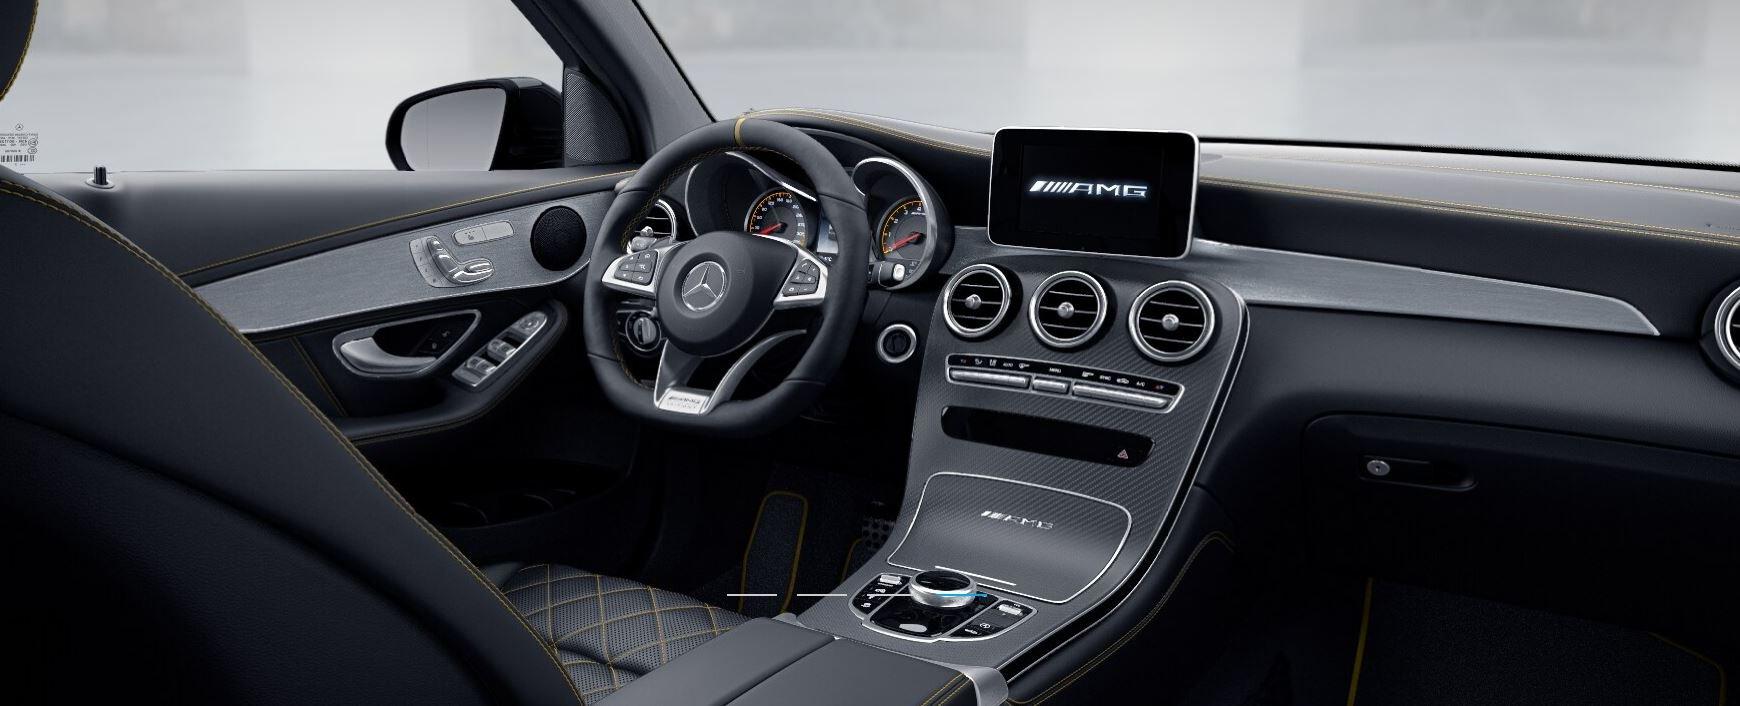 Mercedes-AMG GLC63 S SUV